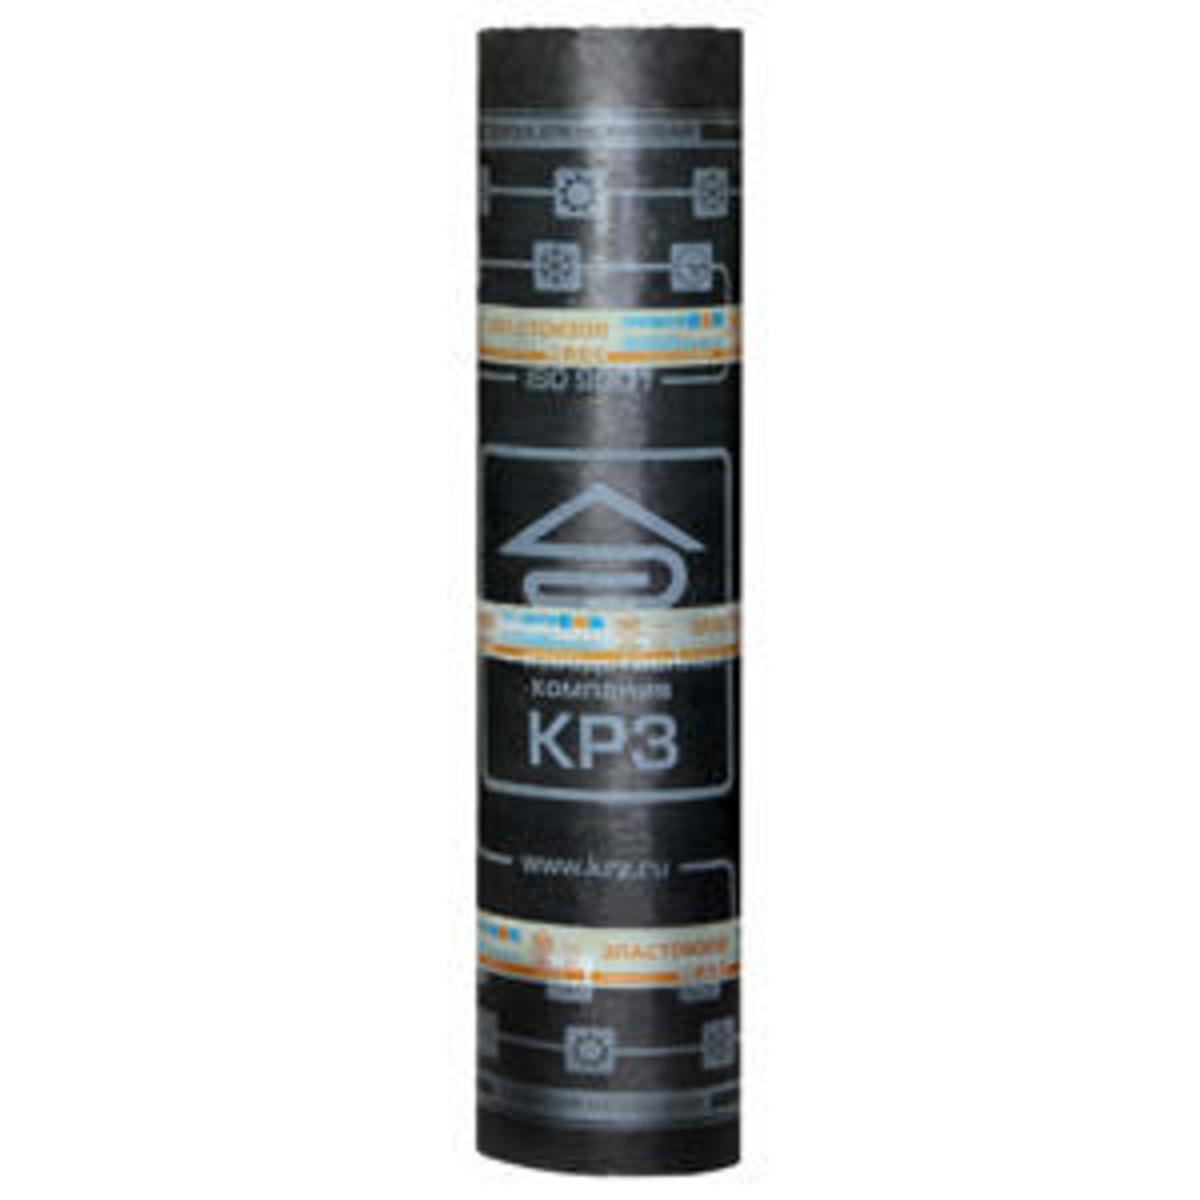 Элестоизол премиум ЭКП-5.0 верхний слой основа полиэфир 10 м²